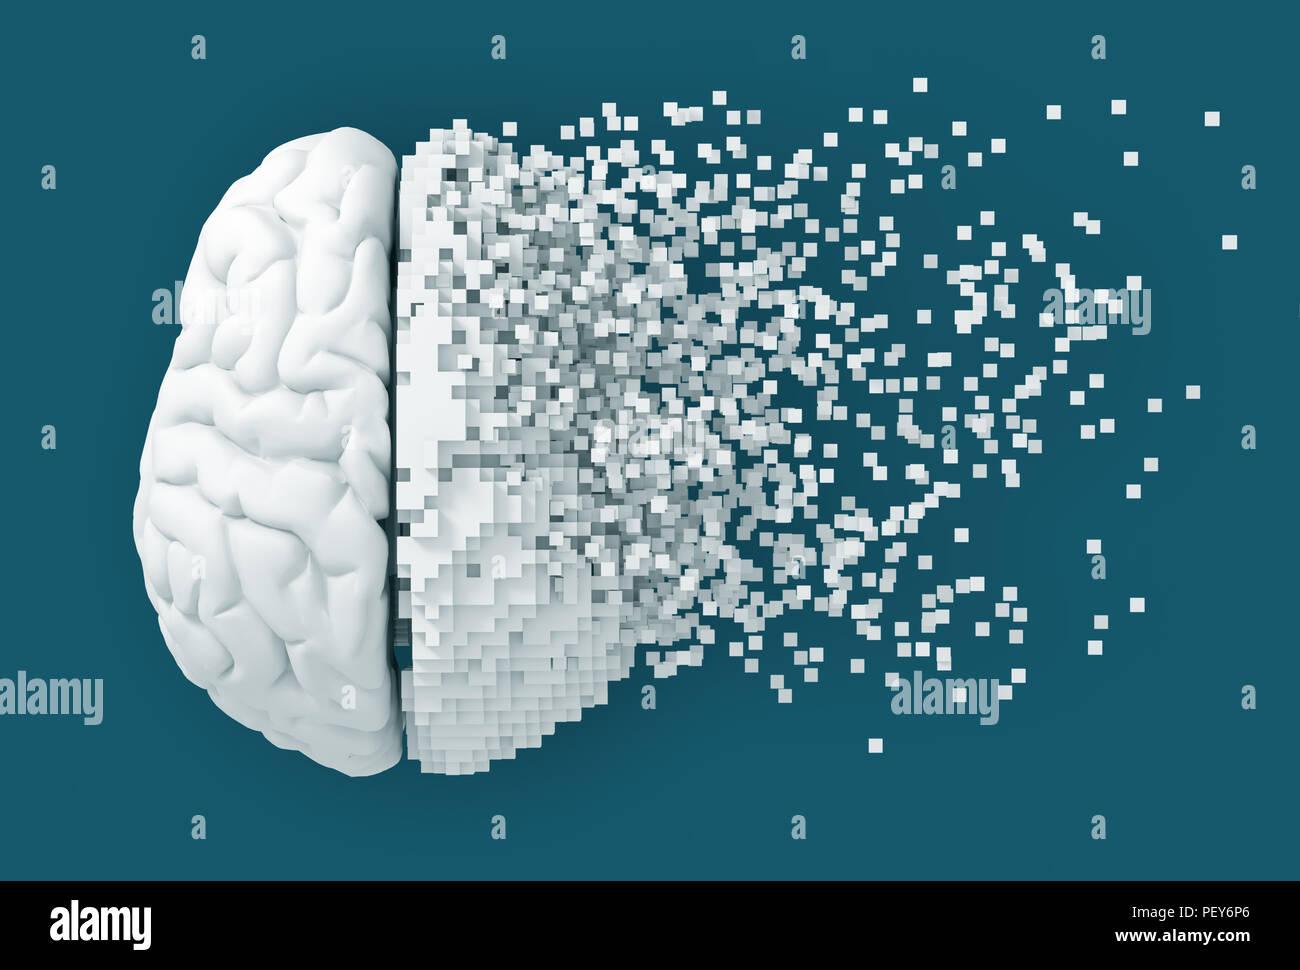 Desintegration Of Digital Brain On Blue Background. 3D Illustration. - Stock Image